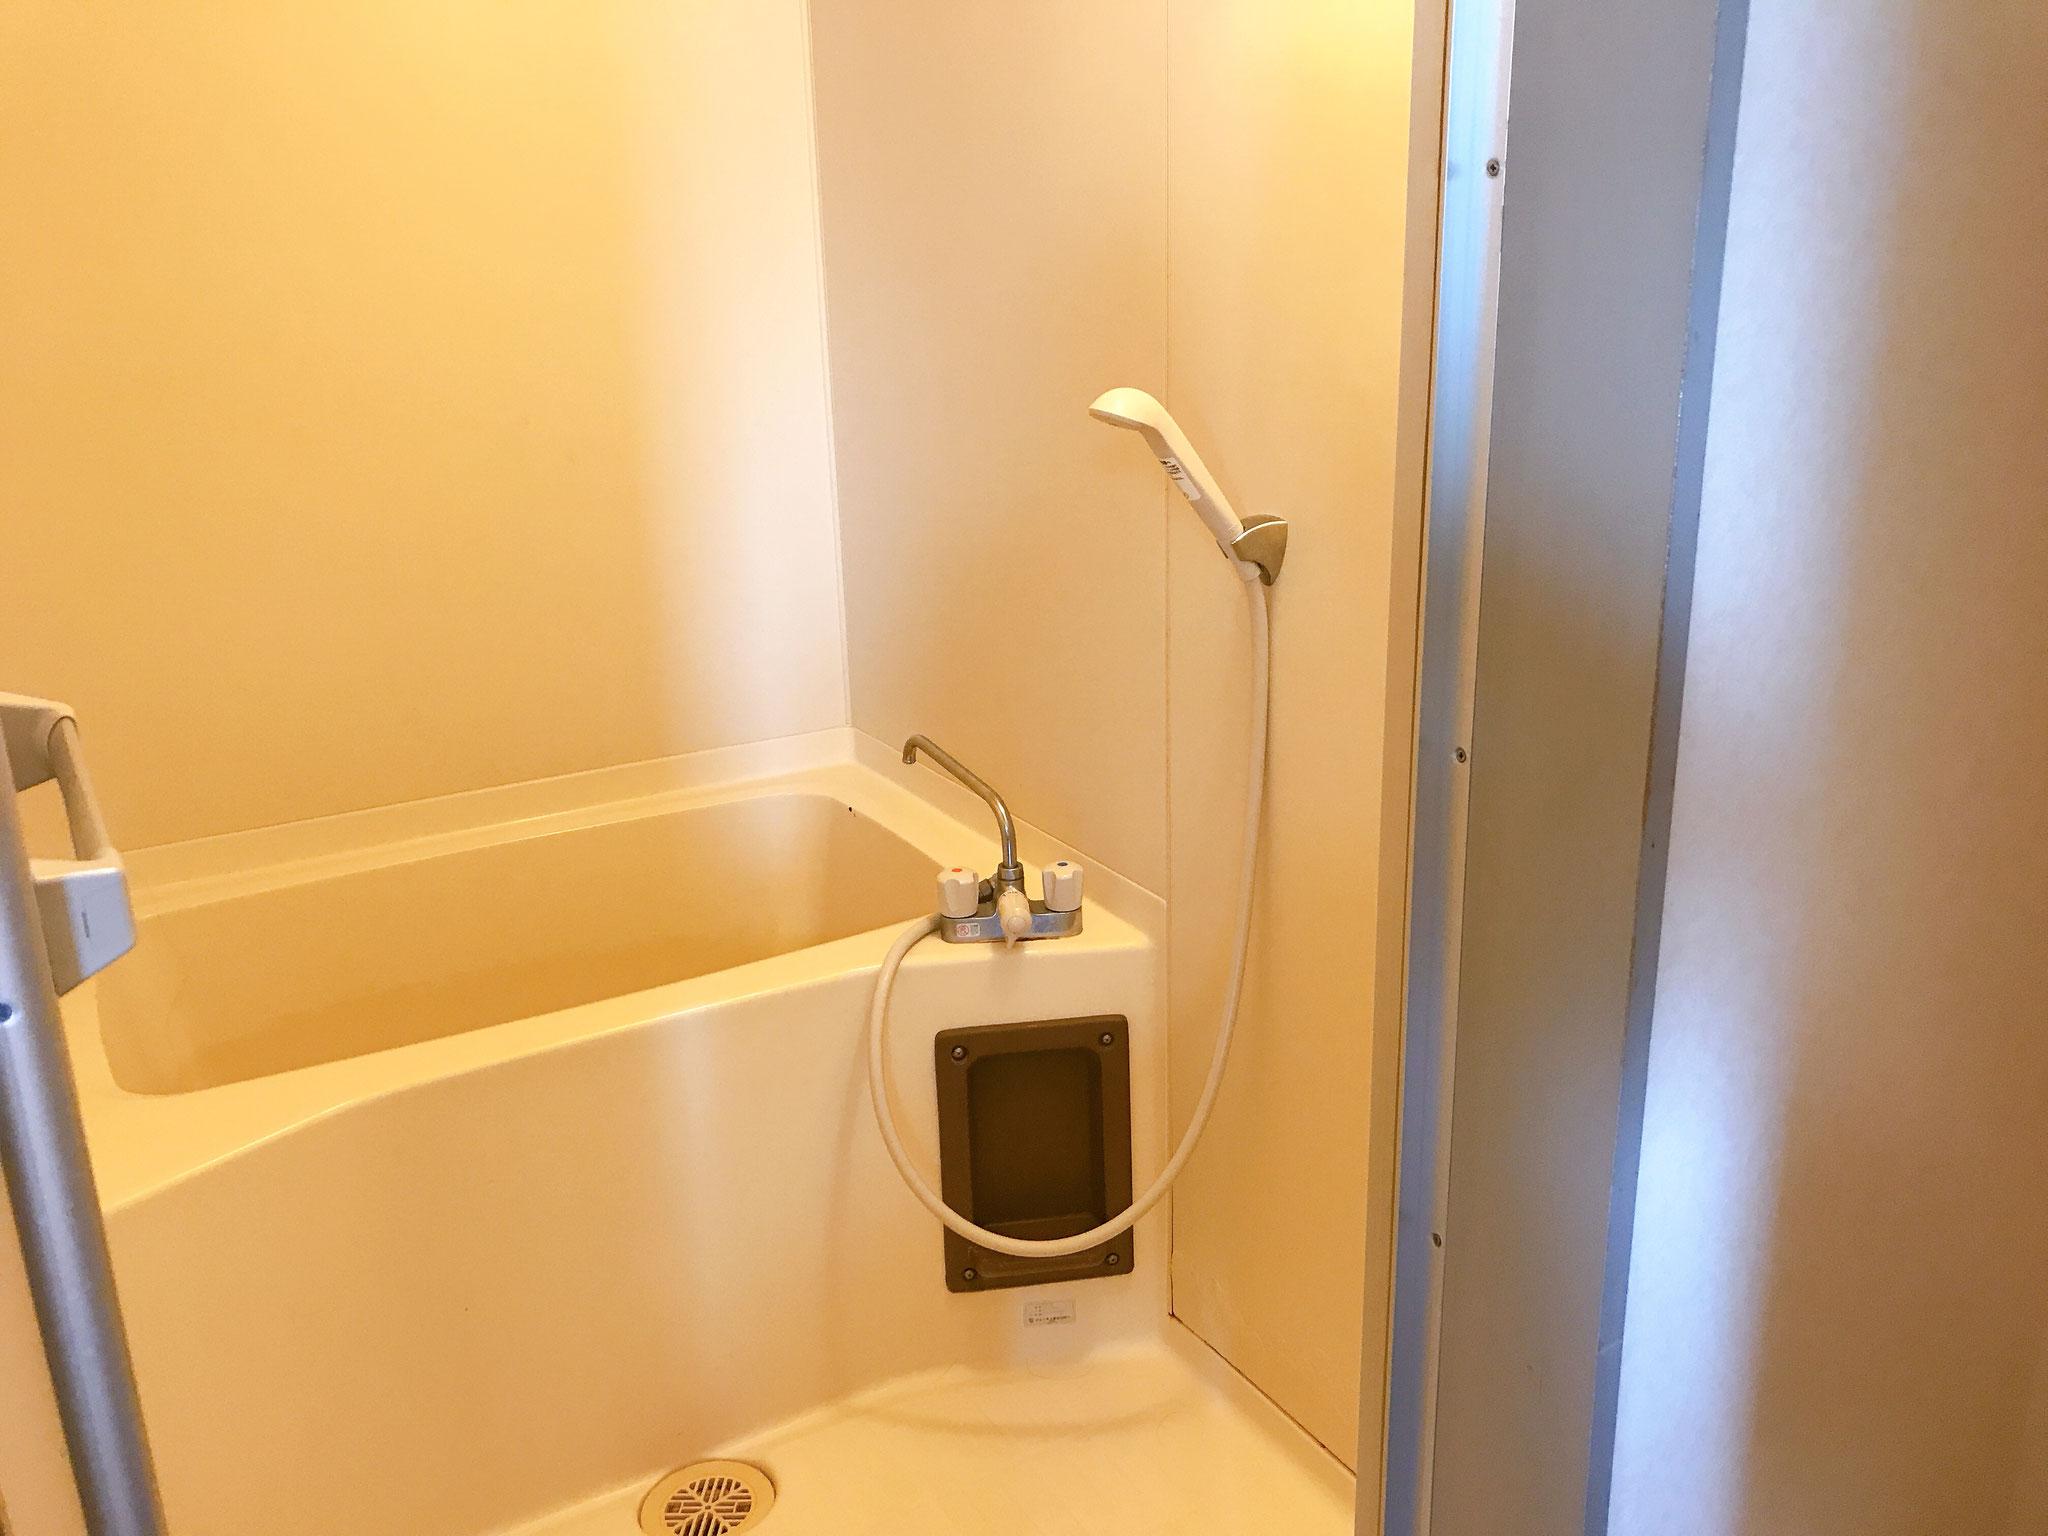 シャワーはついています。